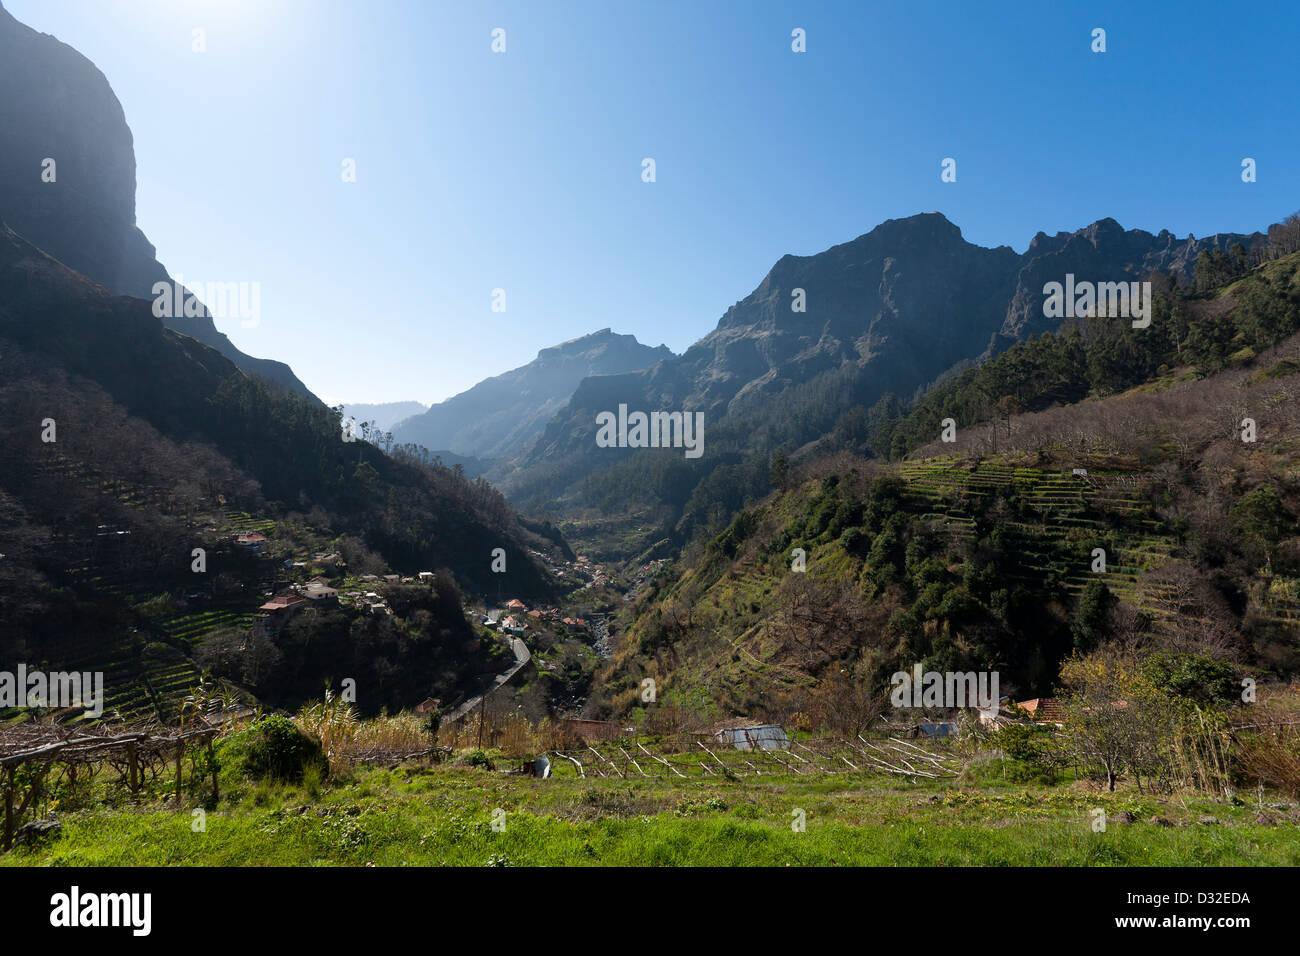 A view down the valley towards Curral das Freiras from Fajã dos Cardos. - Stock Image